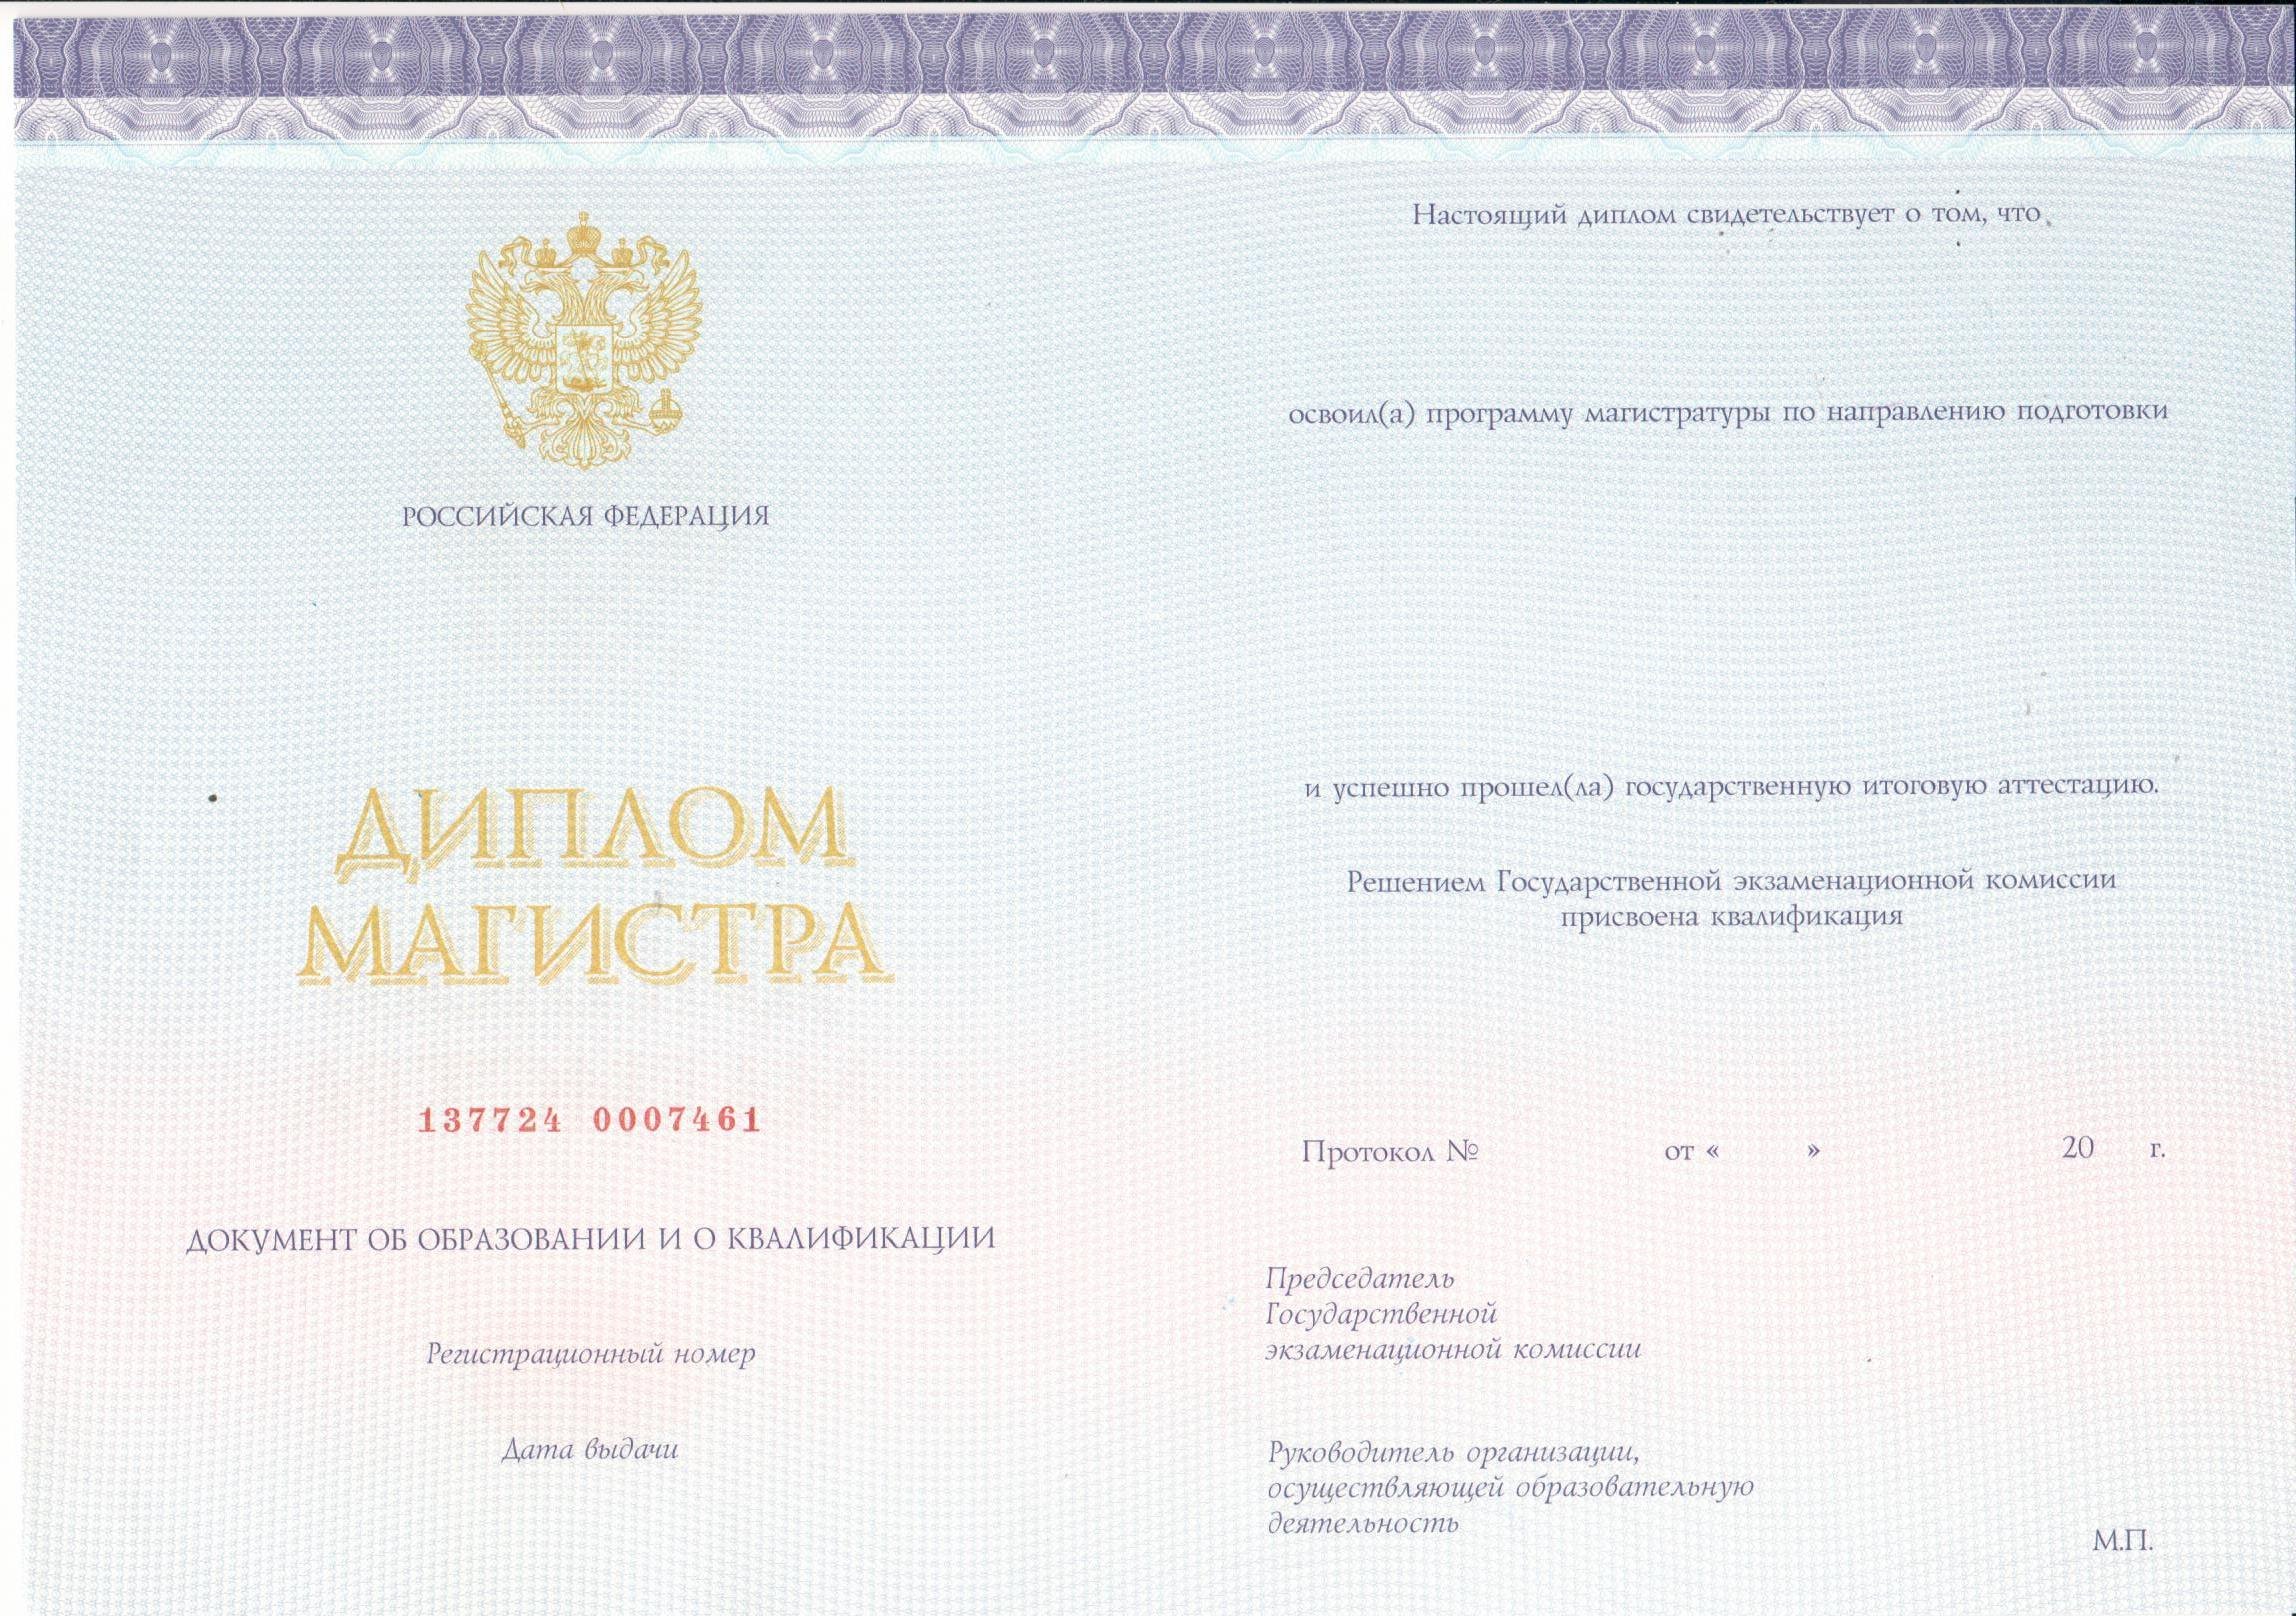 Московский финансово промышленный университет Синергия  Московский финансово промышленный университет Синергия